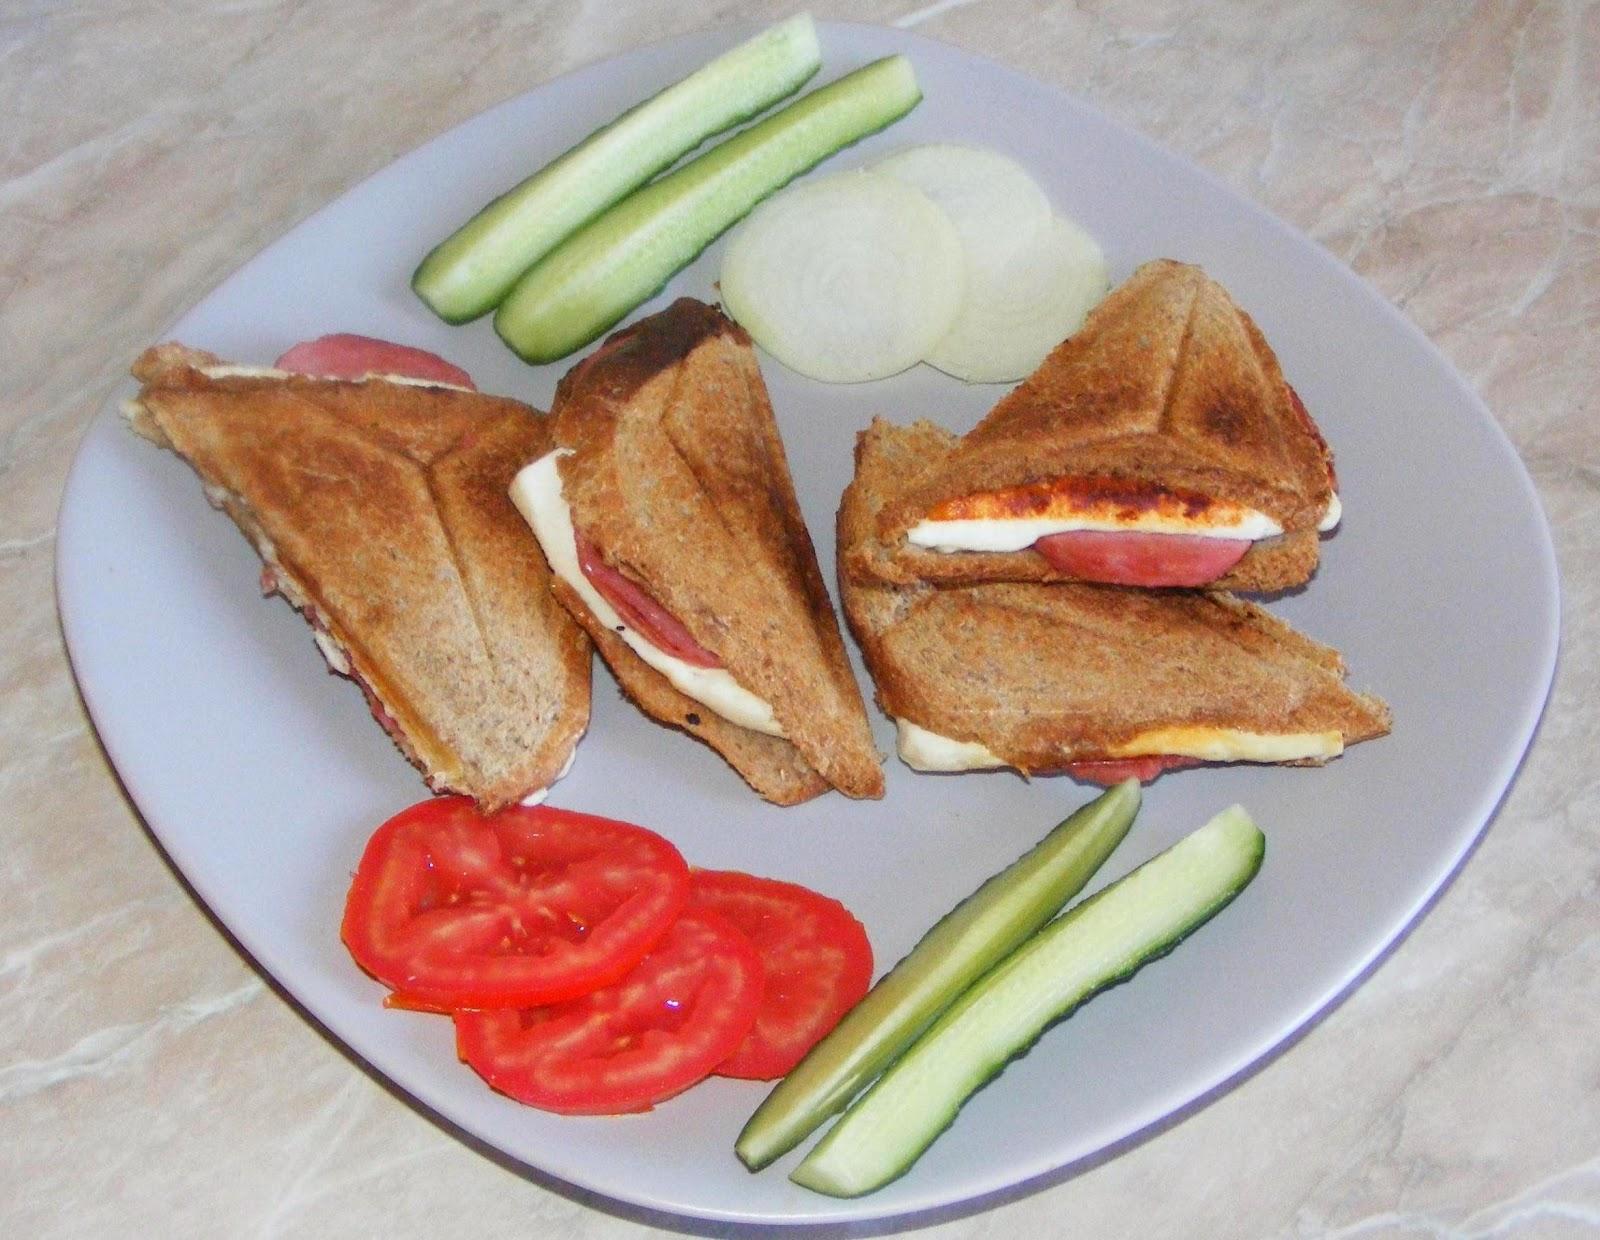 sandwich, sandwich la toaster, sandvis, sandvici, sendvici, sandwichuri, sandwich-uri, retete de mancare, retete mancare, gustari, gustare, retete rapide, retete usoare, sandwich retete, retete culinare, preparate culinare, sandwichuri la toaster, reteta sandwich,